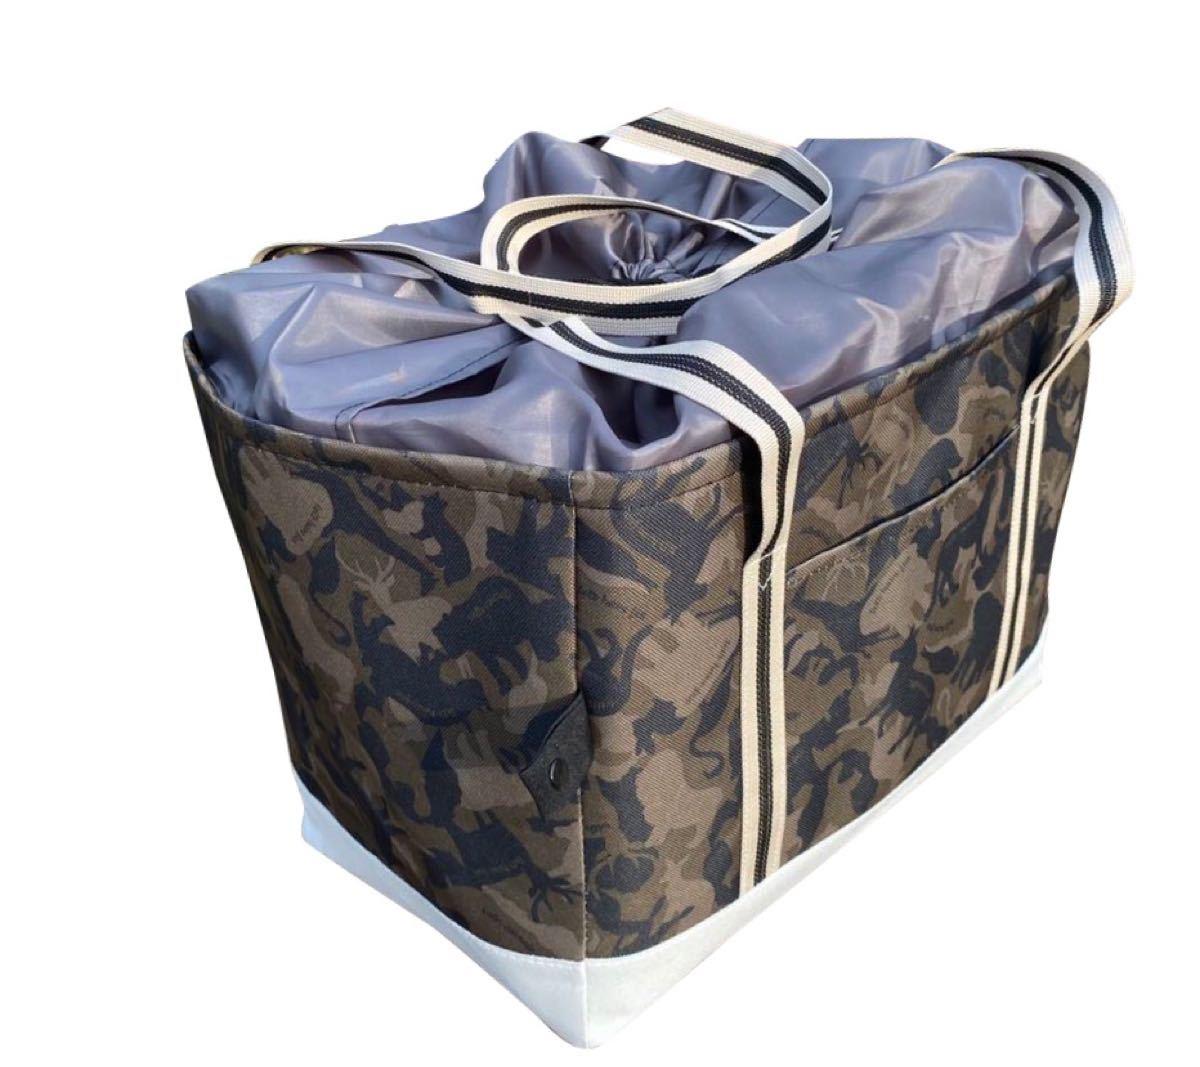 レジカゴバッグ 保冷保温折りたたみ エコバッグ 大容量レジかごバック ブラウン